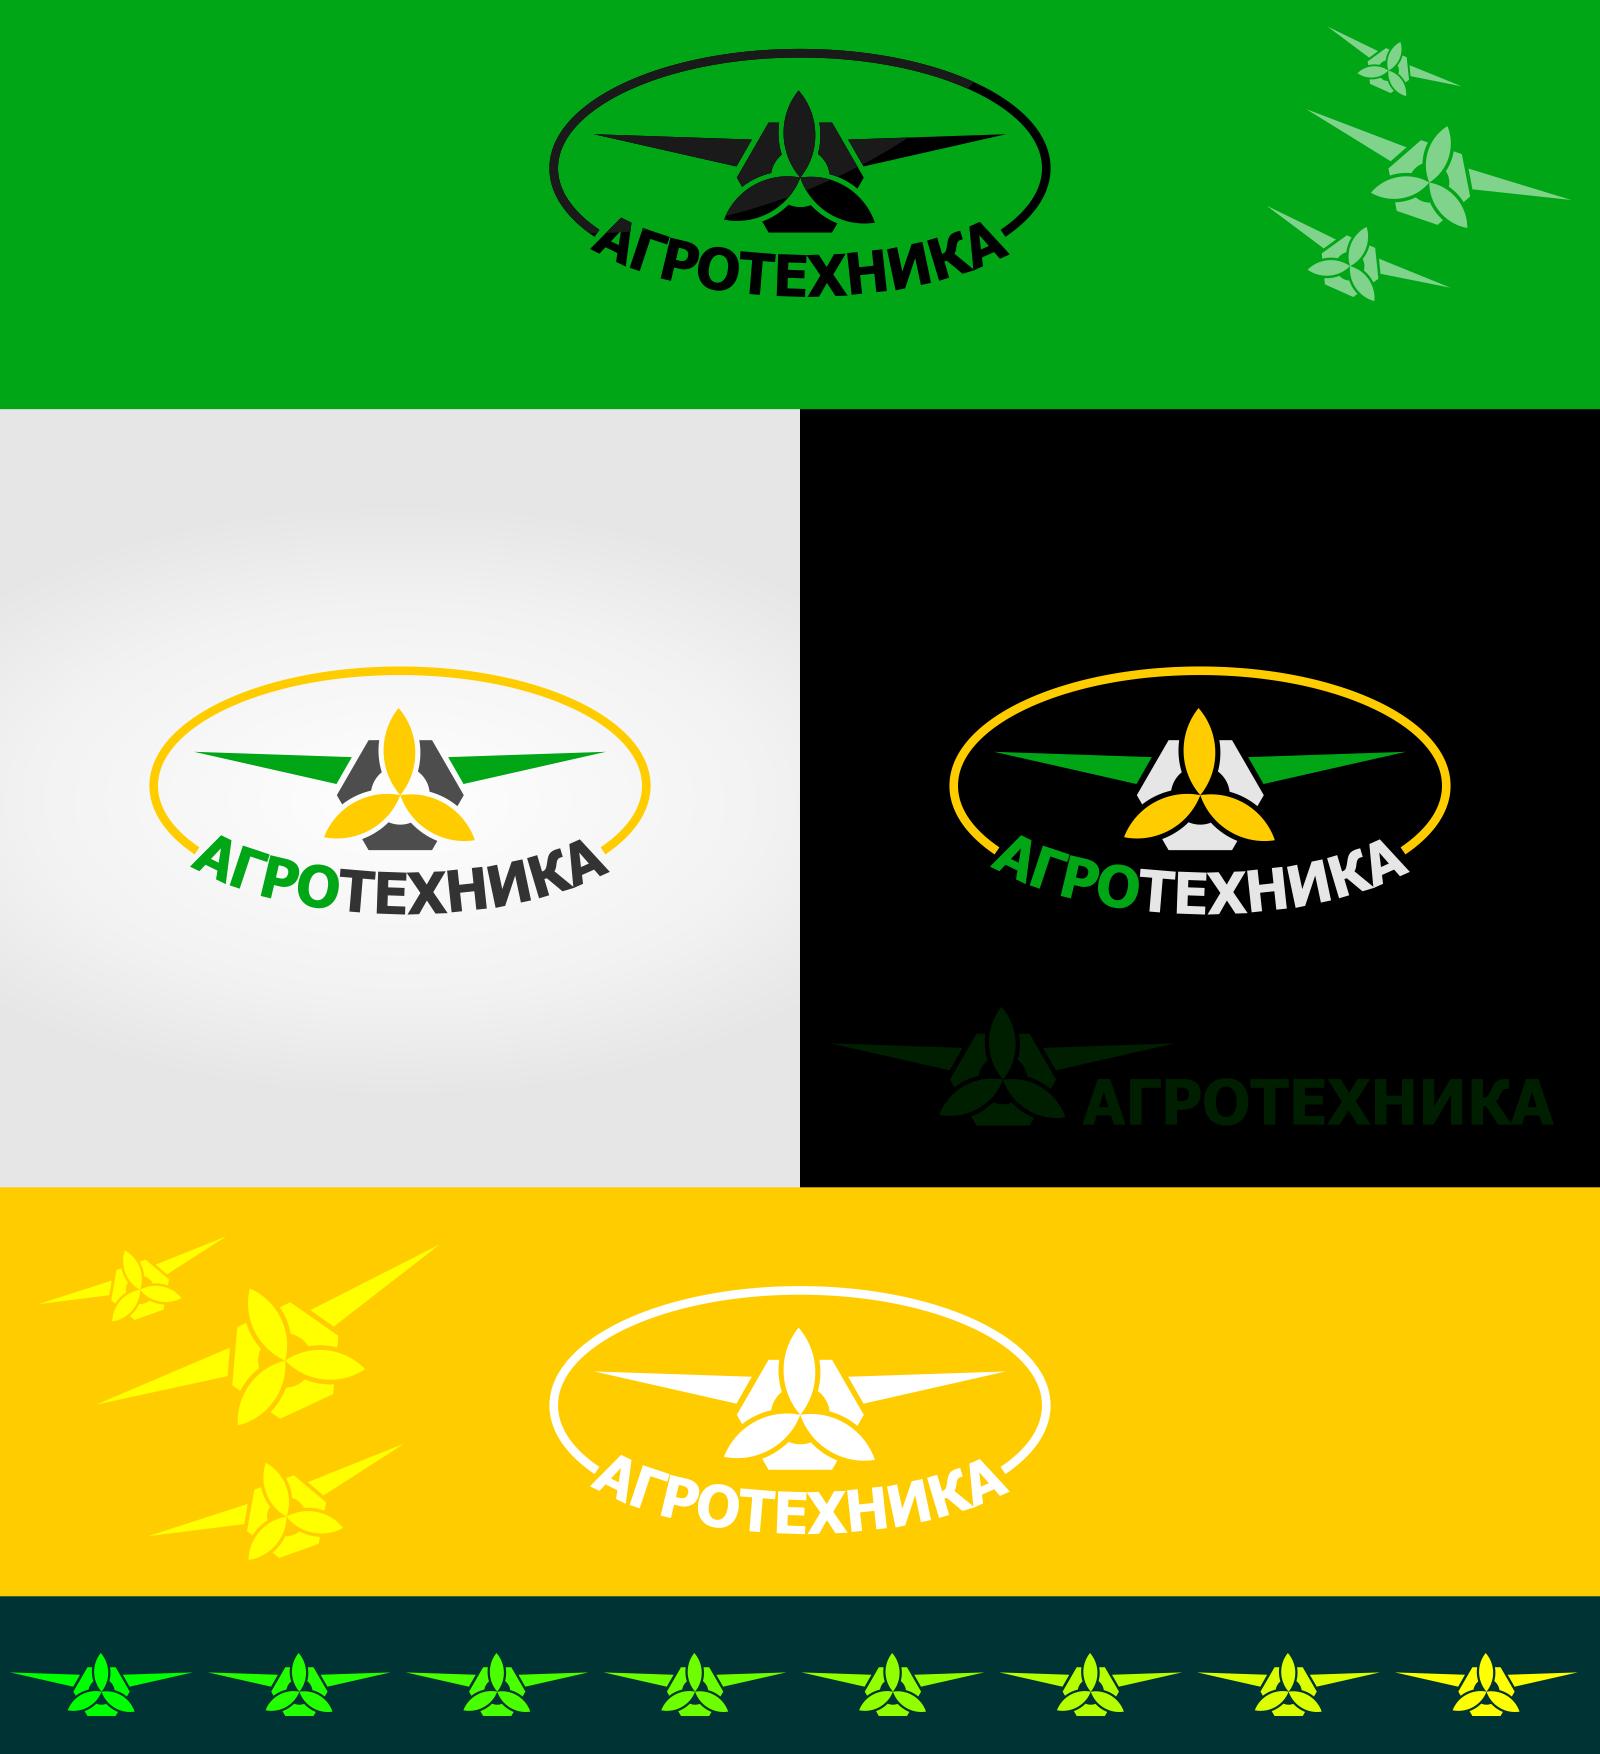 Разработка логотипа для компании Агротехника фото f_8345c015362e82cb.png